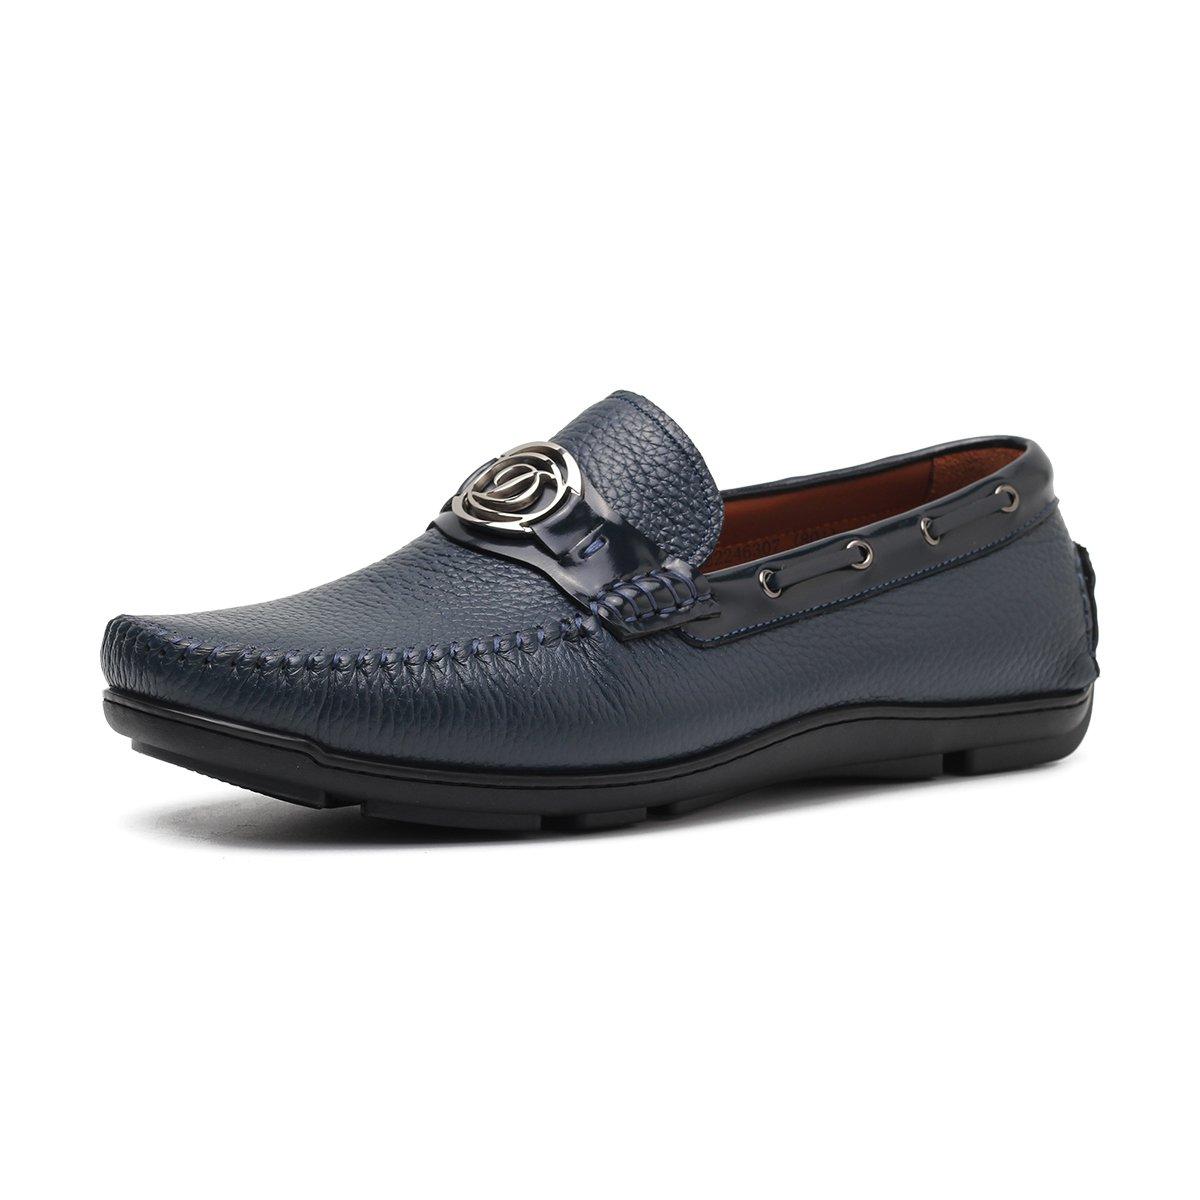 都彭都彭 男士时尚扣套脚牛皮休闲鞋开车鞋皮鞋G22246307801